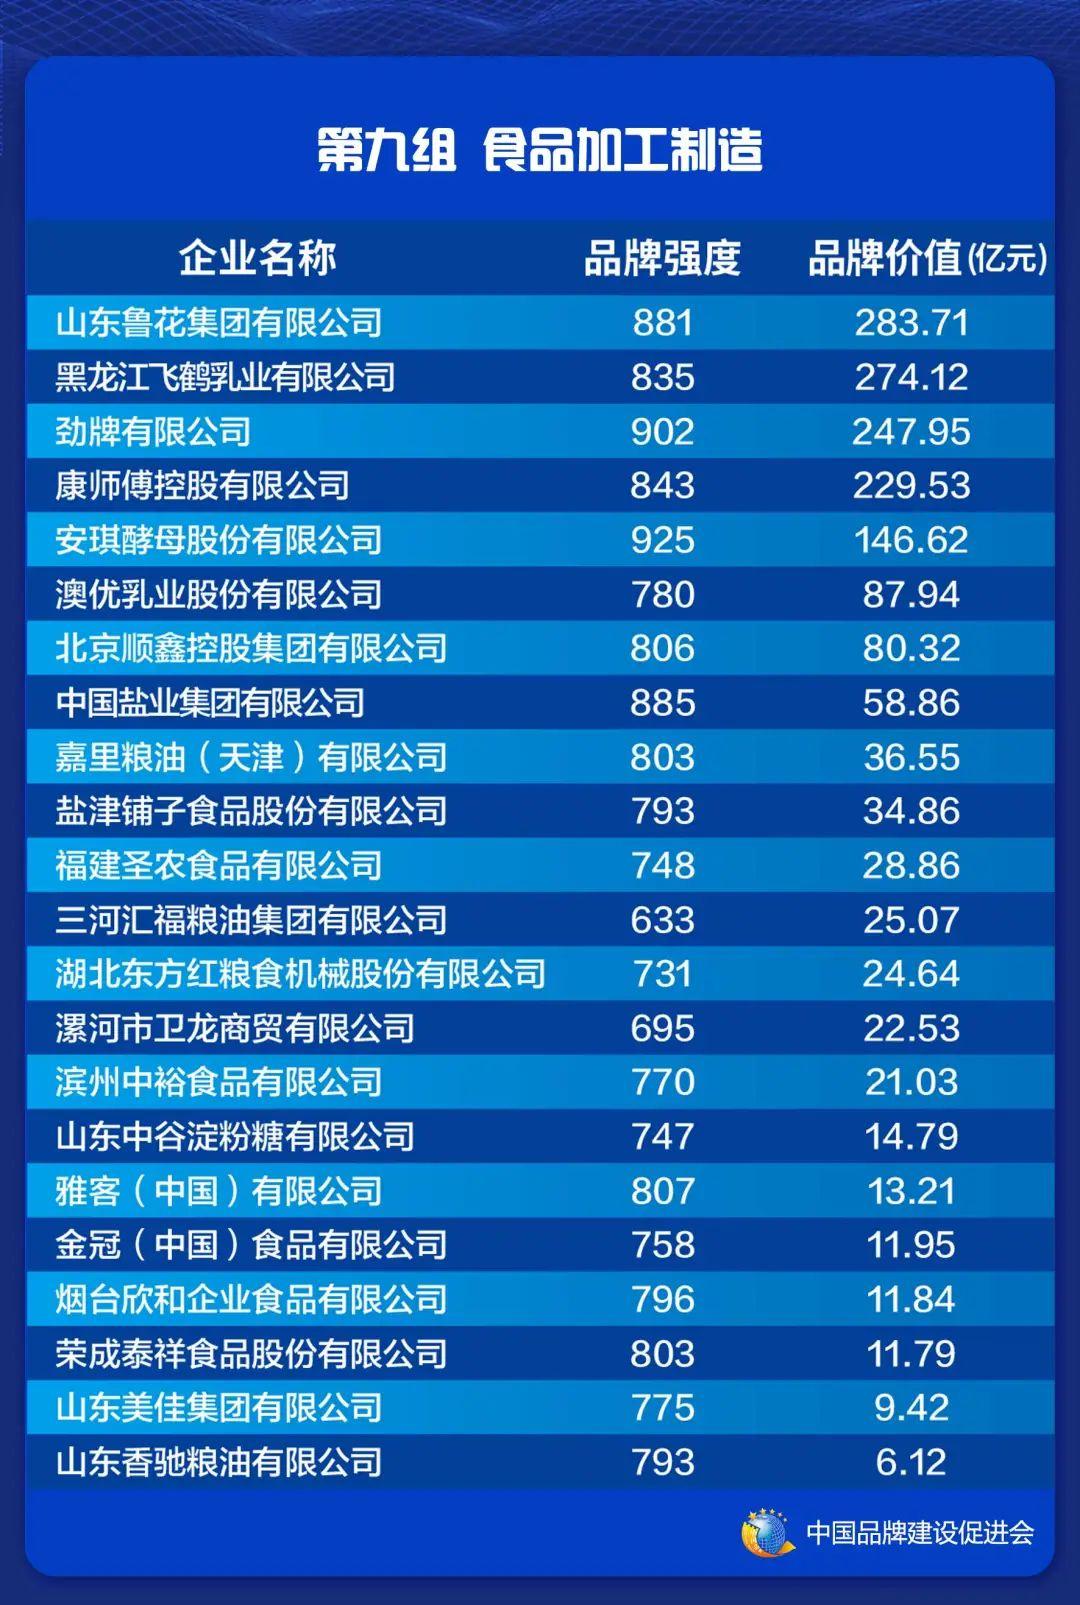 2021中国品牌价值评价信息在上海发布(图11)